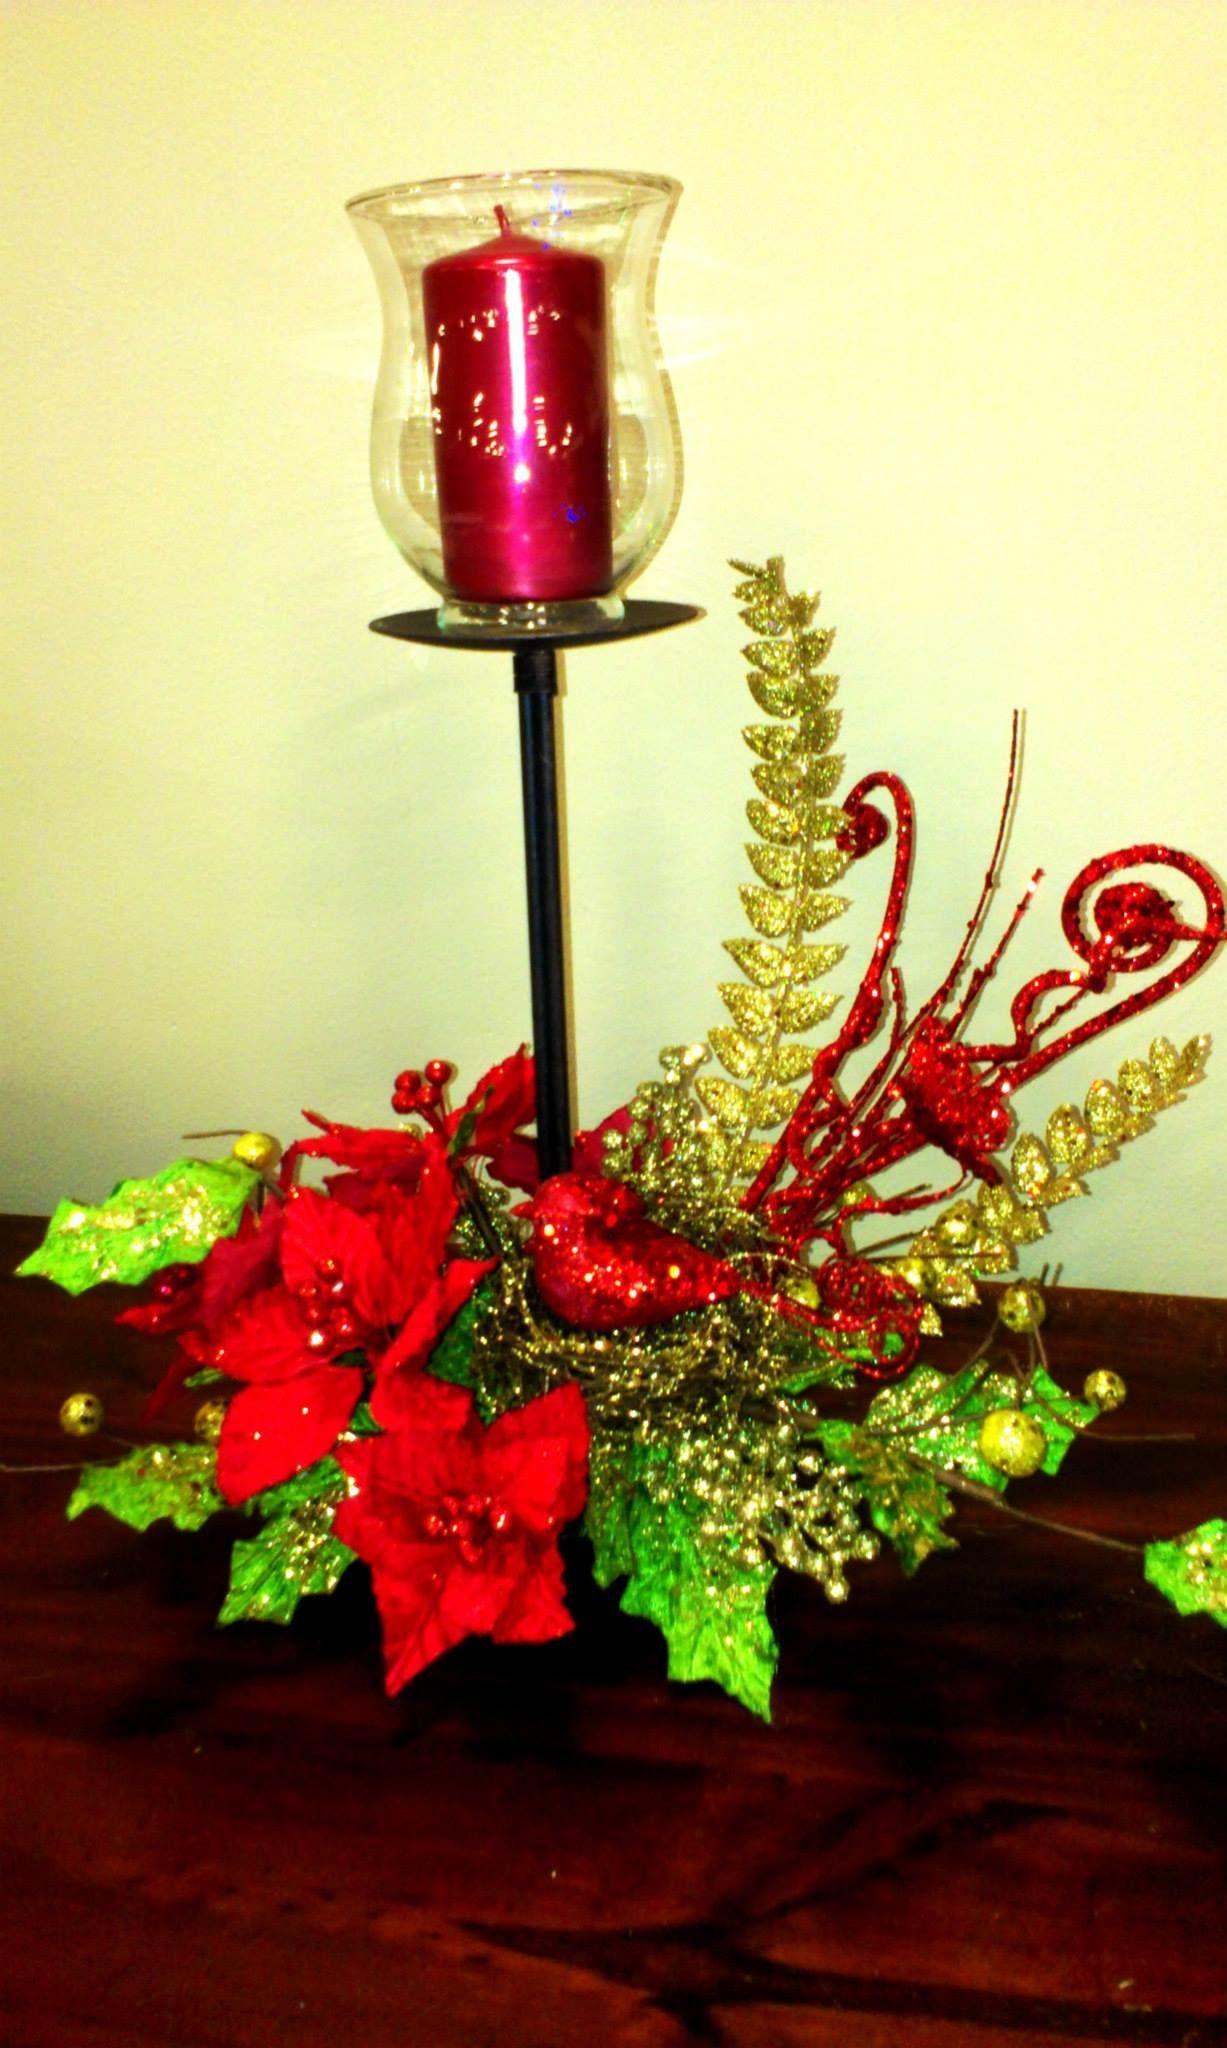 Navidad navidad pinterest navidad arreglos y - Arreglos navidenos para mesa ...